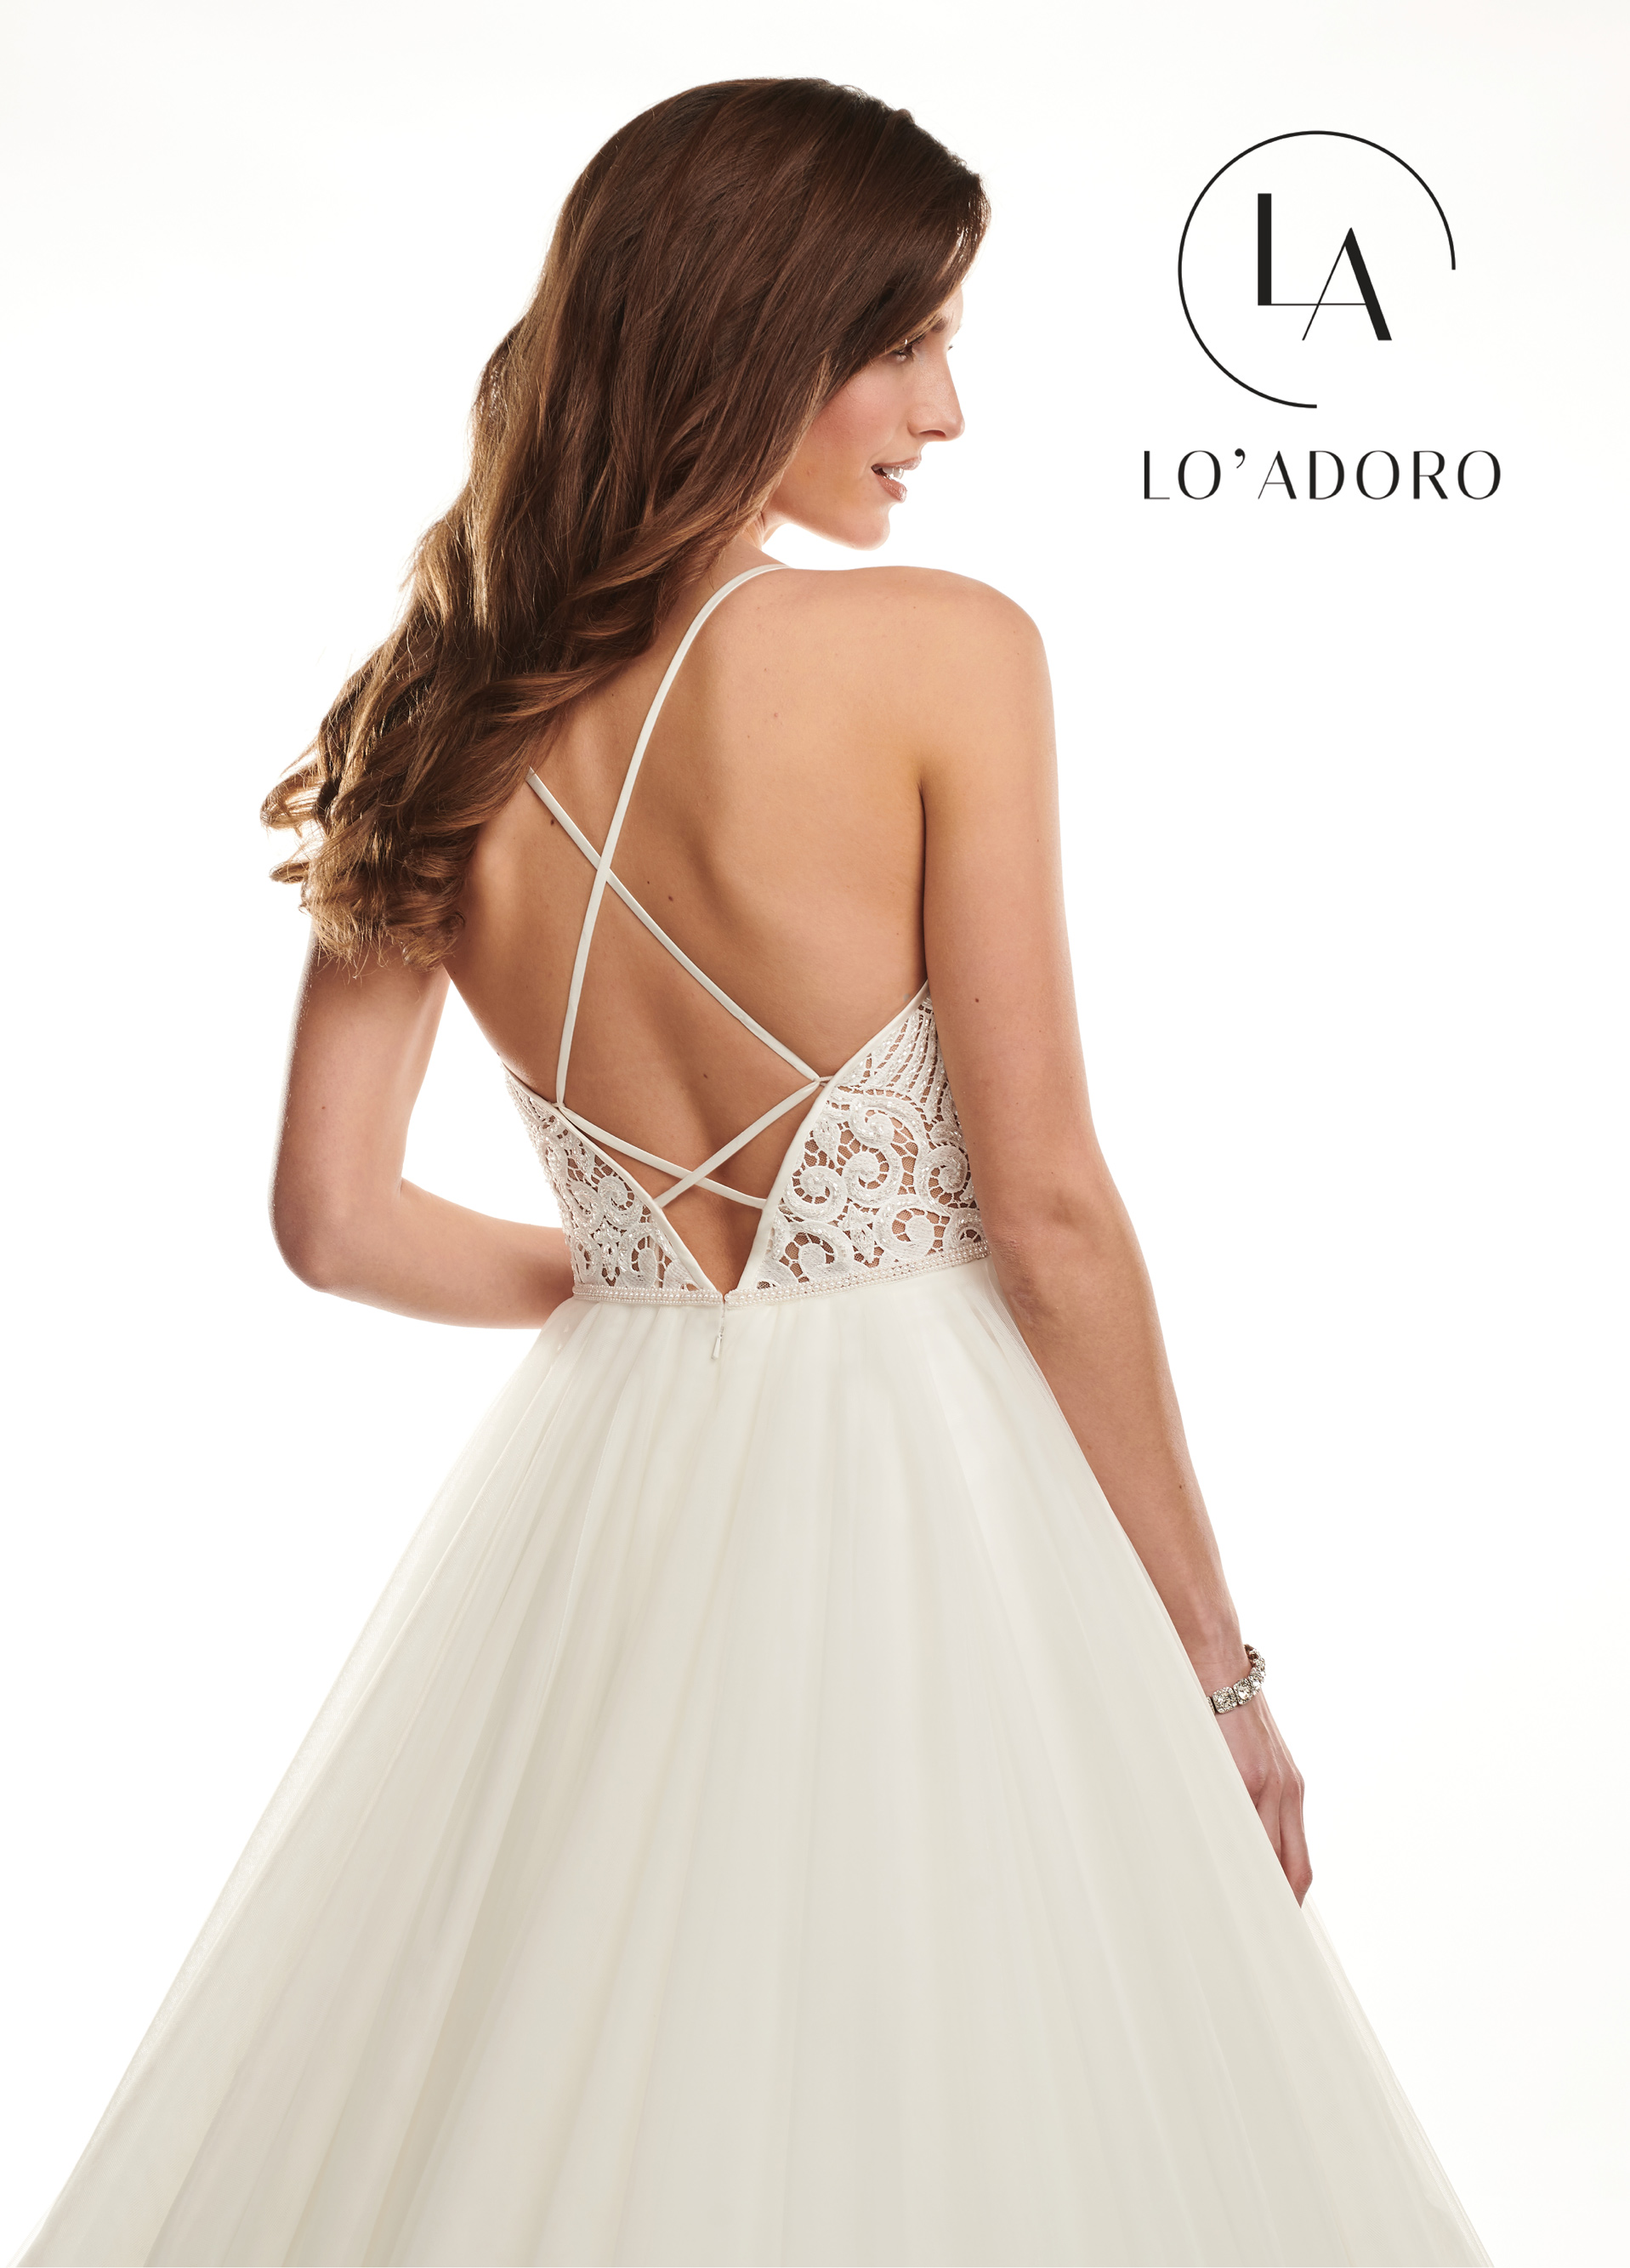 Lo Adoro Bridal Dresses   Lo' Adoro   Style - M720